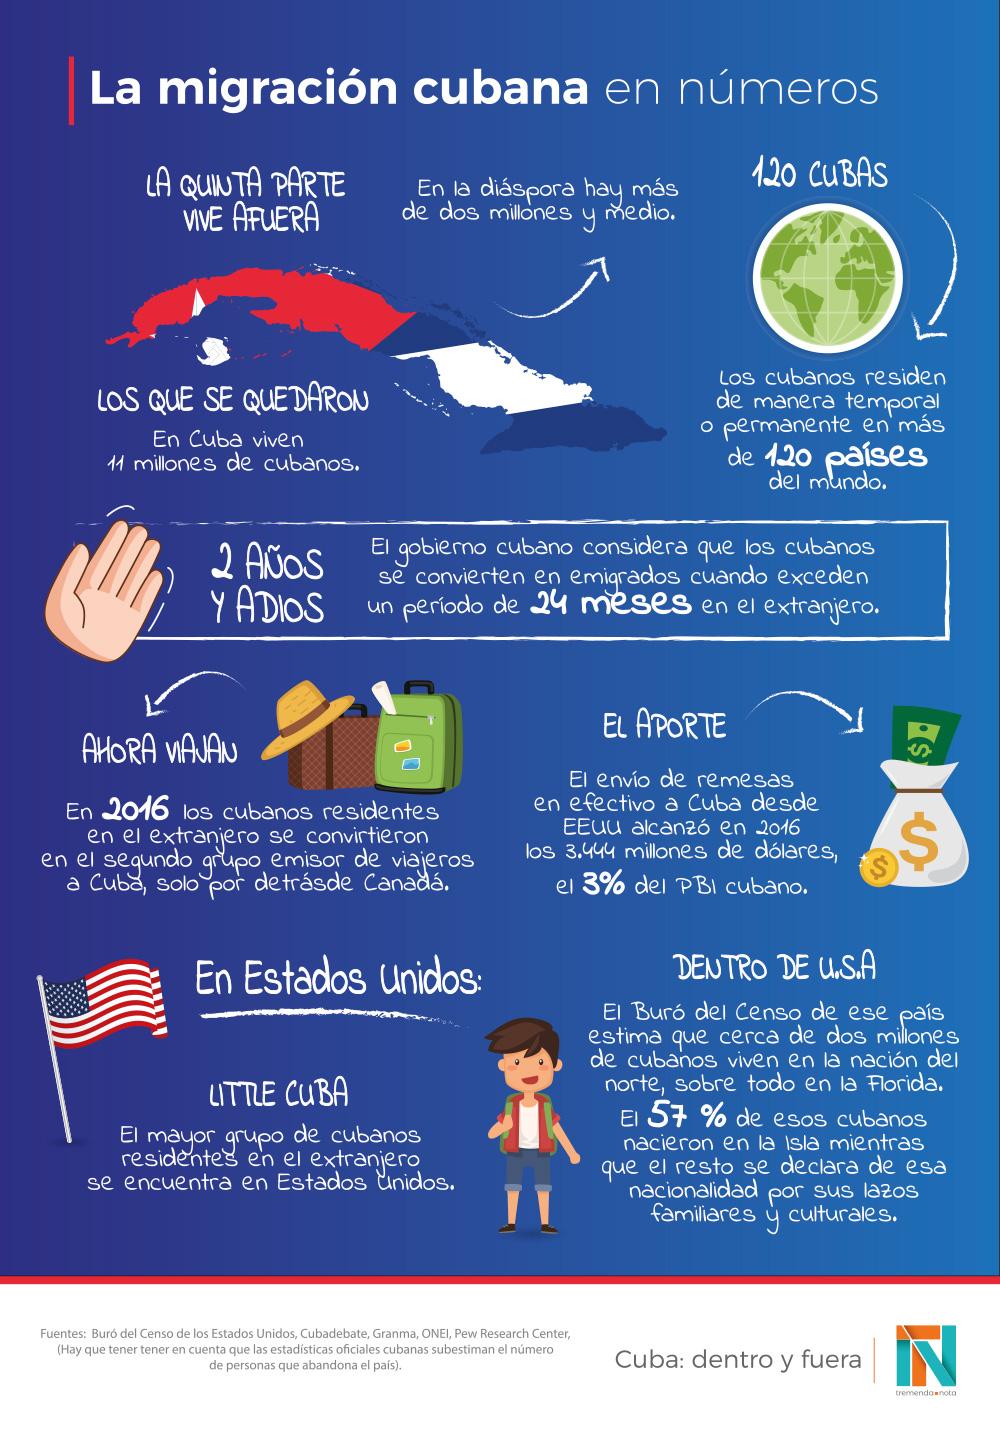 La migración cubana en números